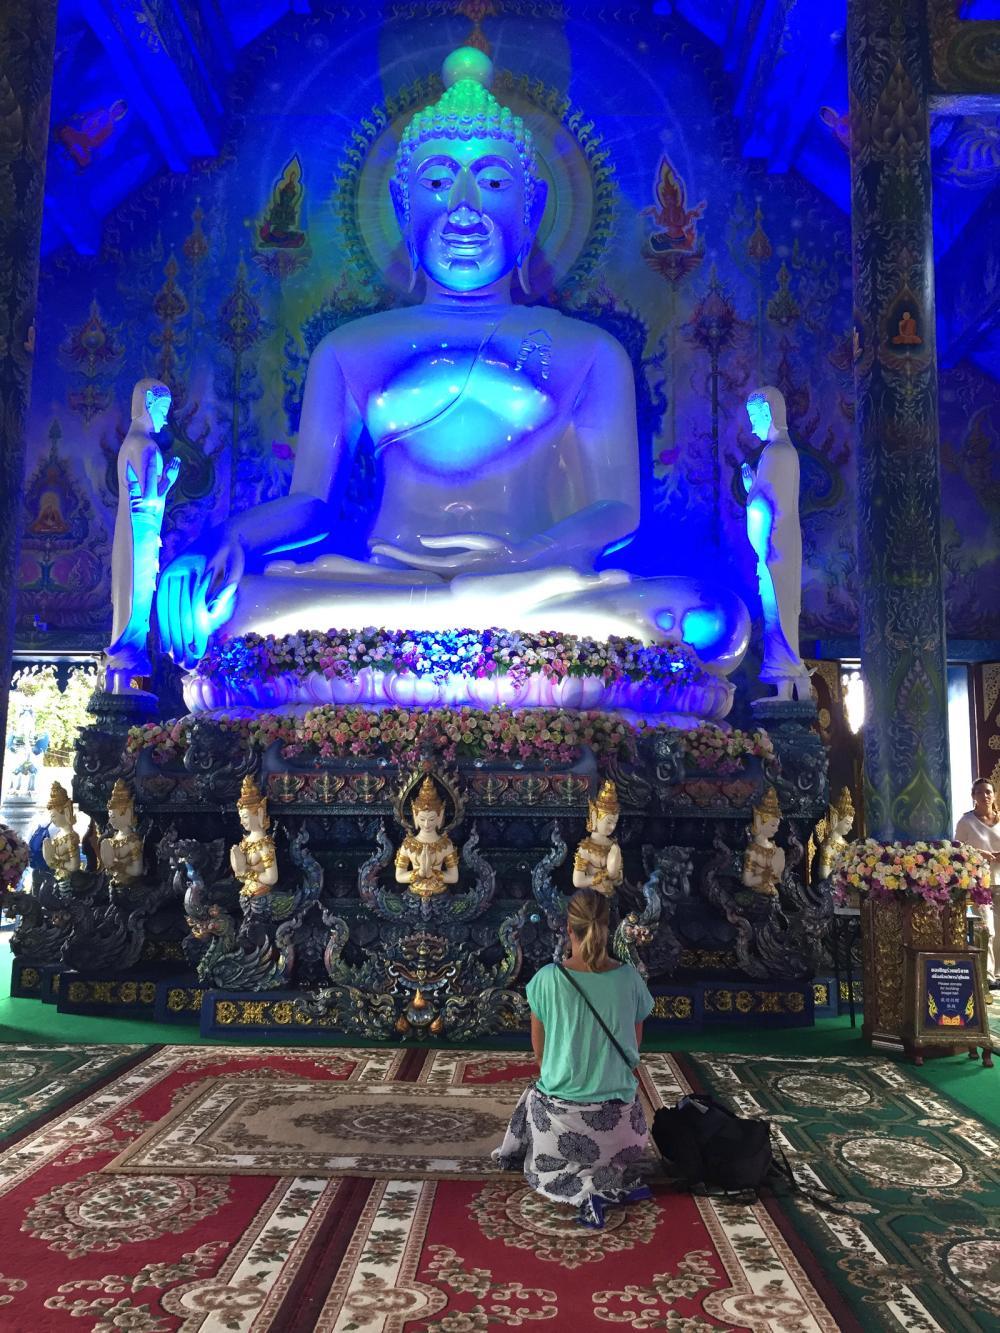 le temple bleu par les bons plans de stef